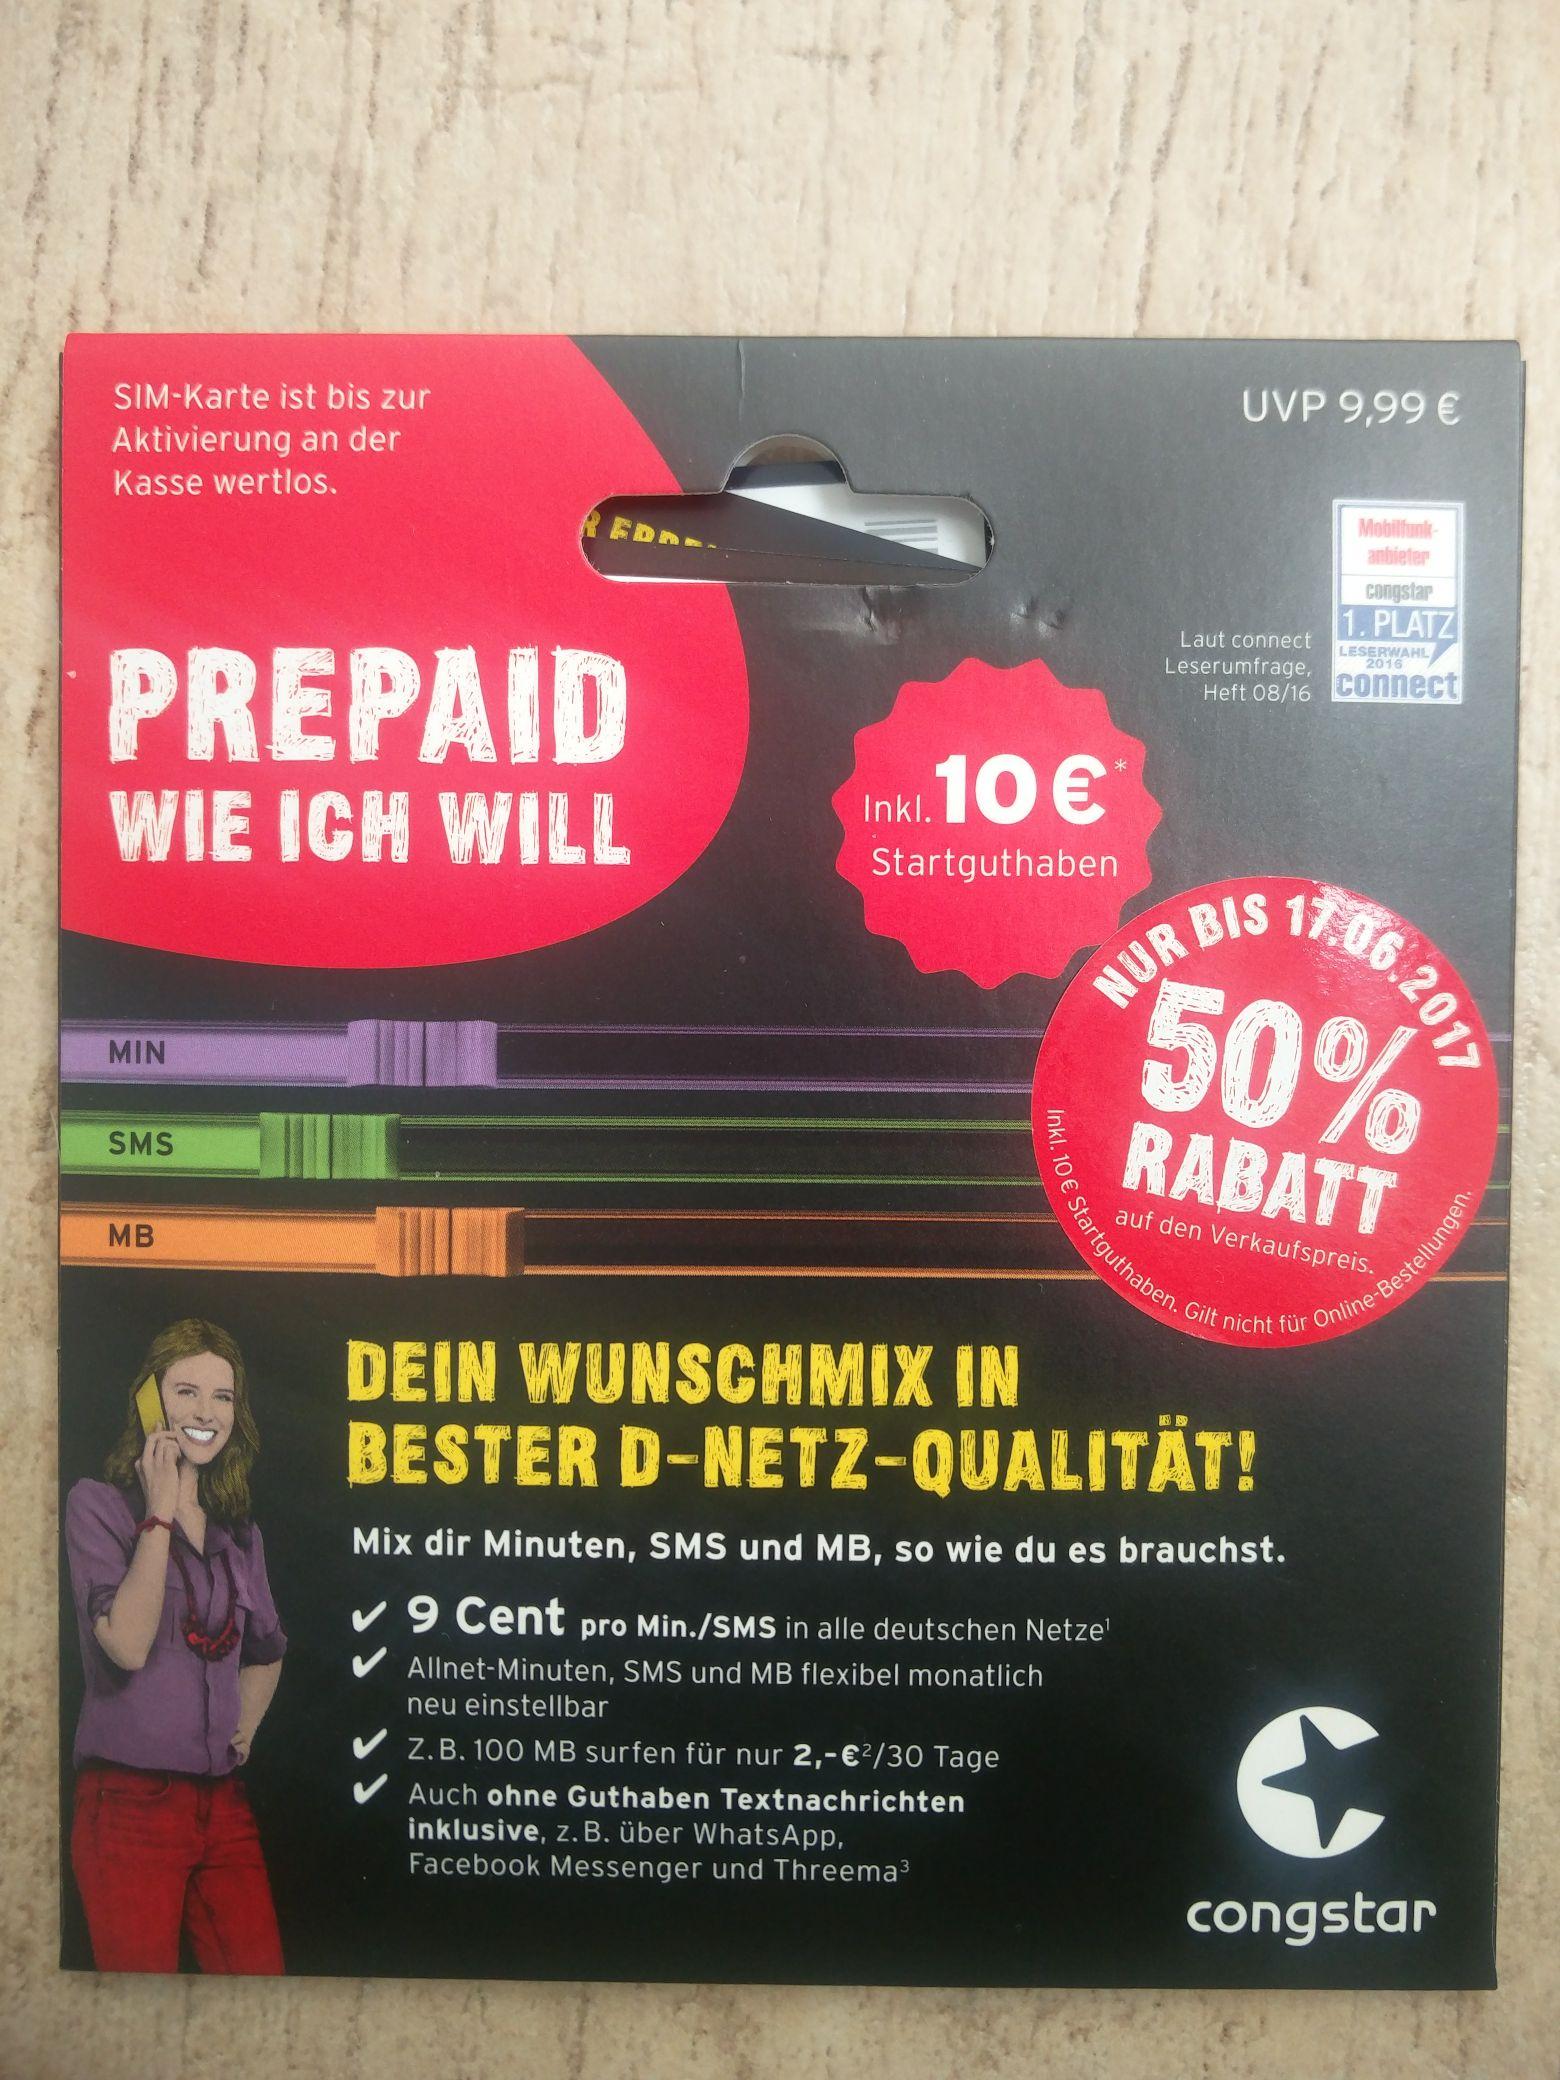 congstar Prepaid wie ich will – Starter Pack mit 10 € Guthaben